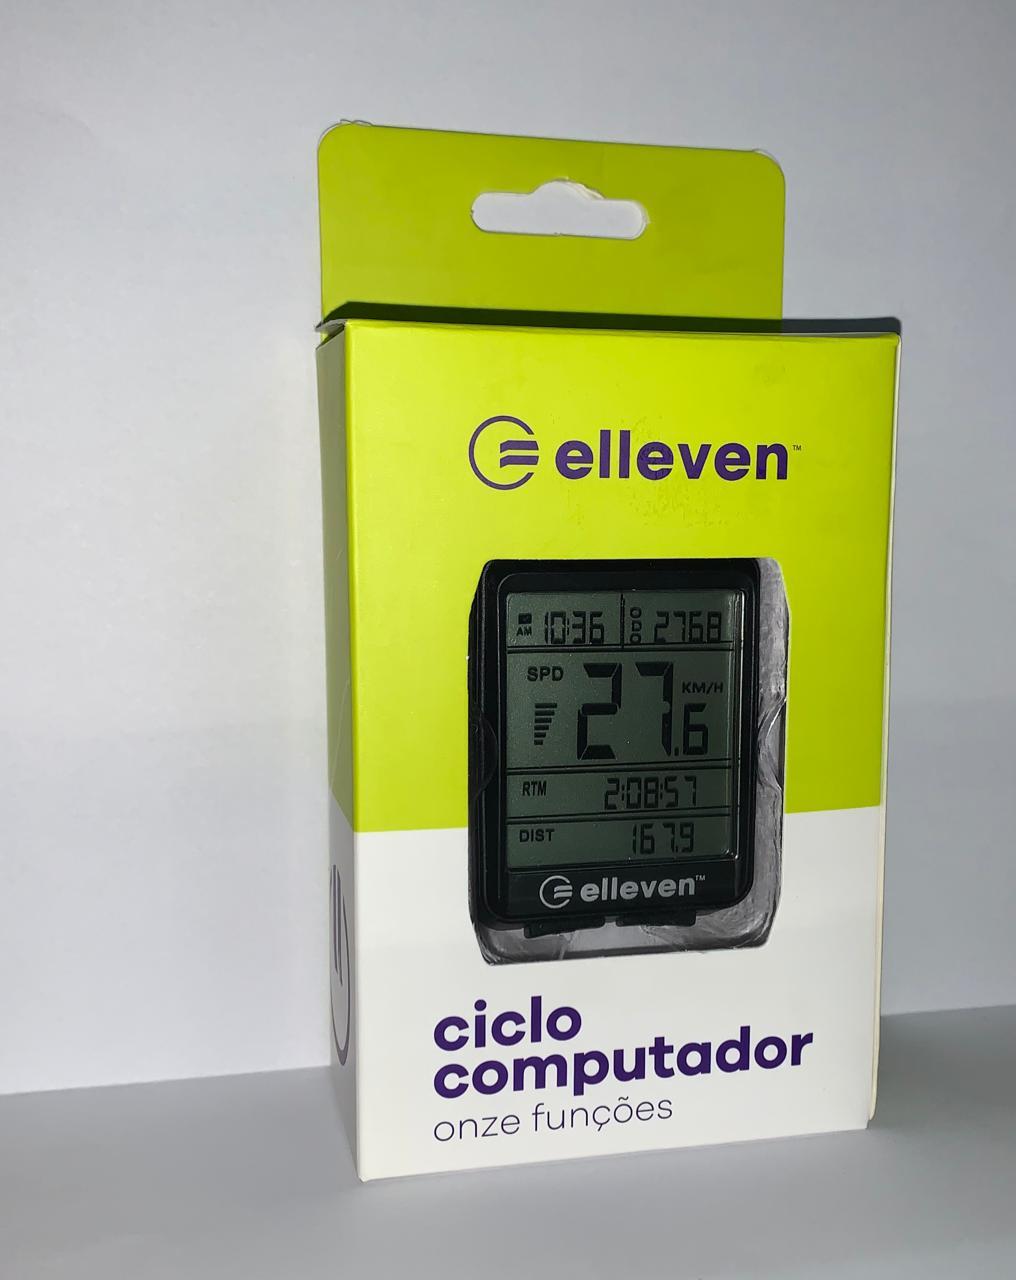 Ciclo computador Elleven F11 com 11 Funções